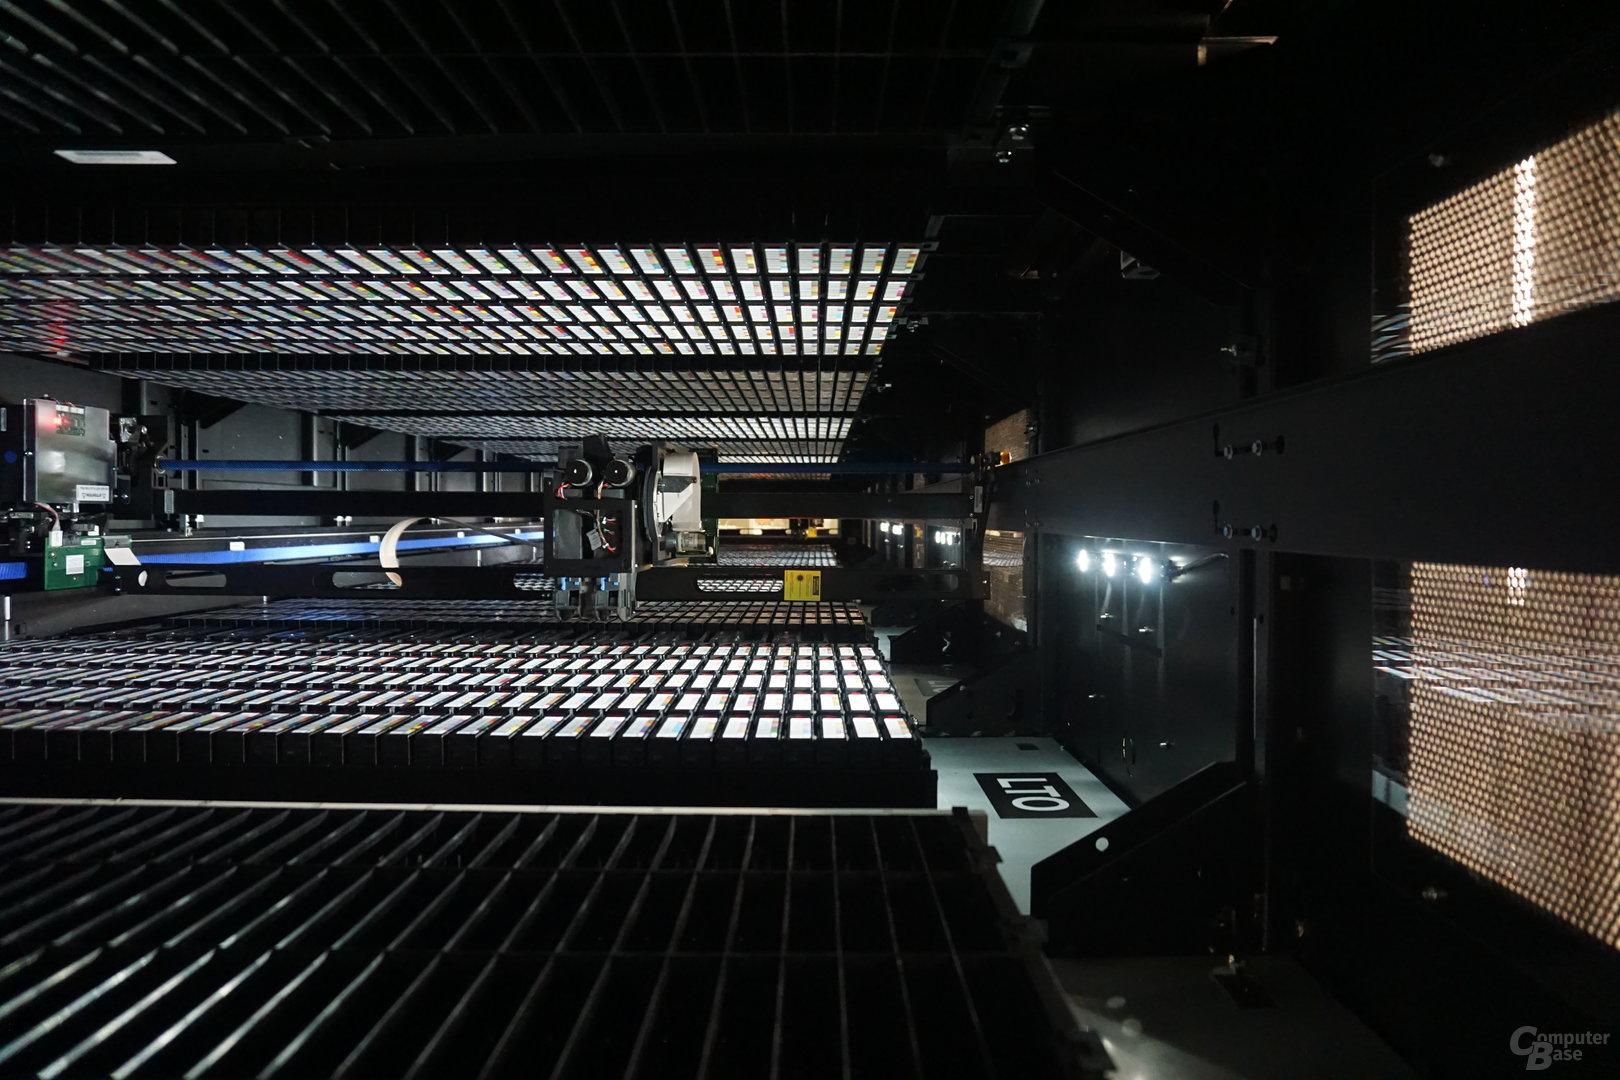 Ein Roboterarm holt auf Wunsch die Kassetten